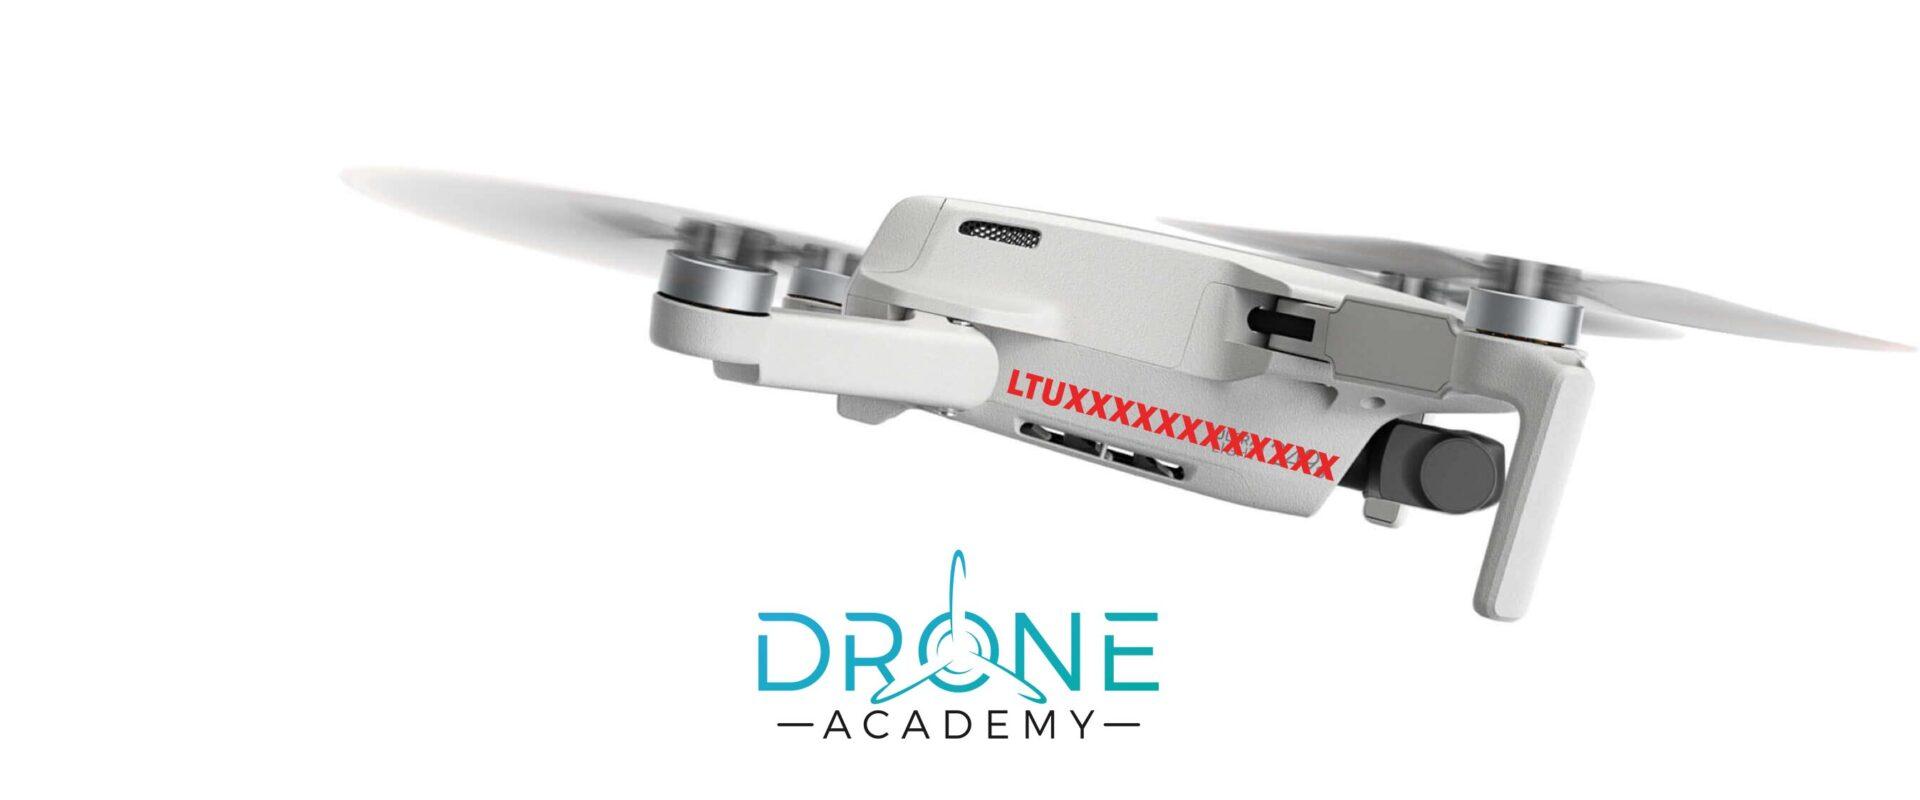 Drono registracija - atvaizdavimas